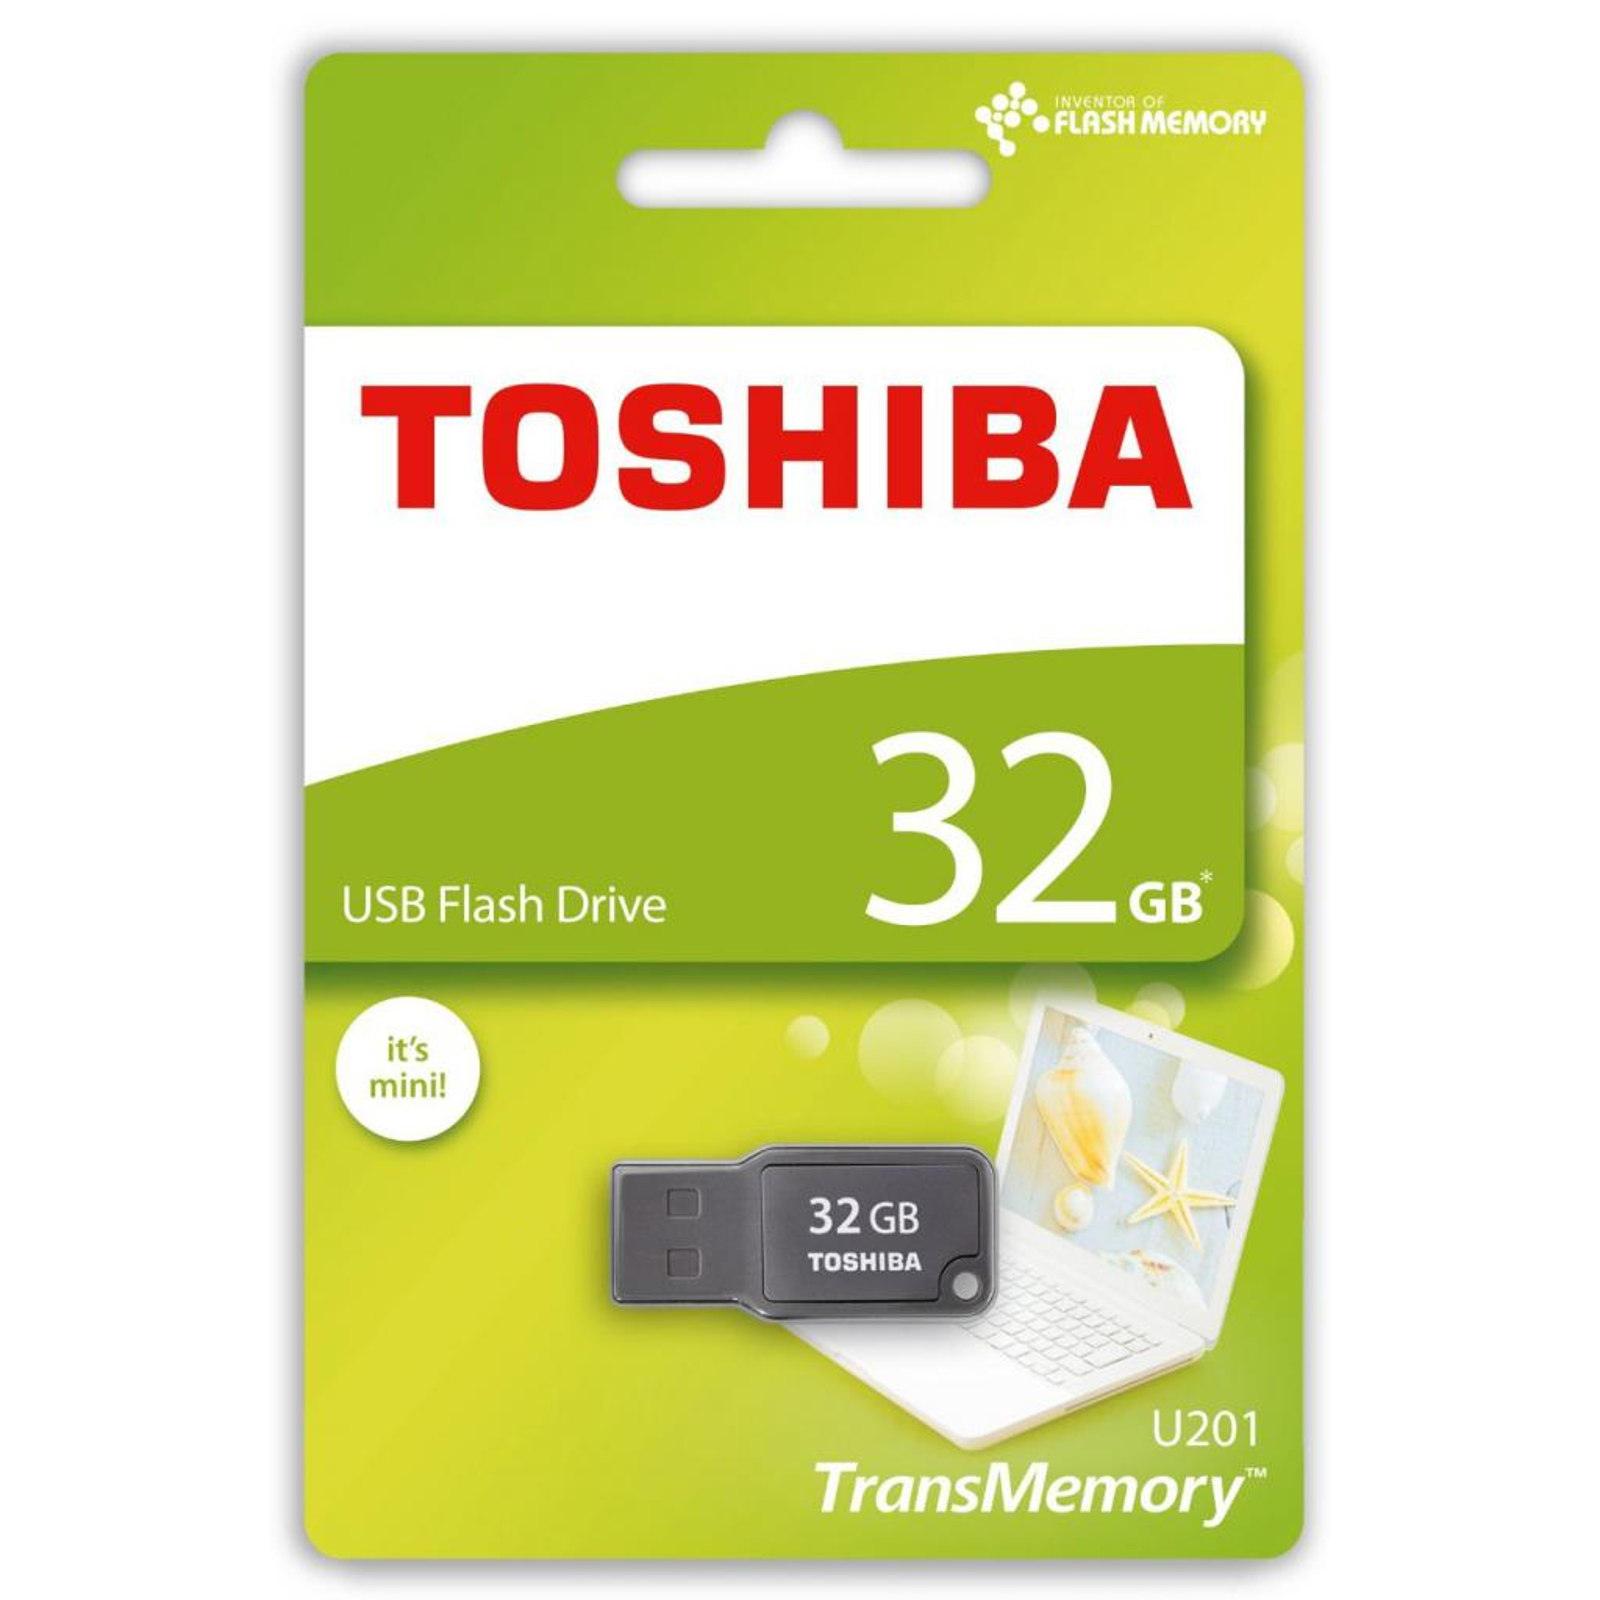 USB флеш накопитель TOSHIBA 32GB Mikawa Gray USB 2.0 (THN-U201G0320M4) изображение 2